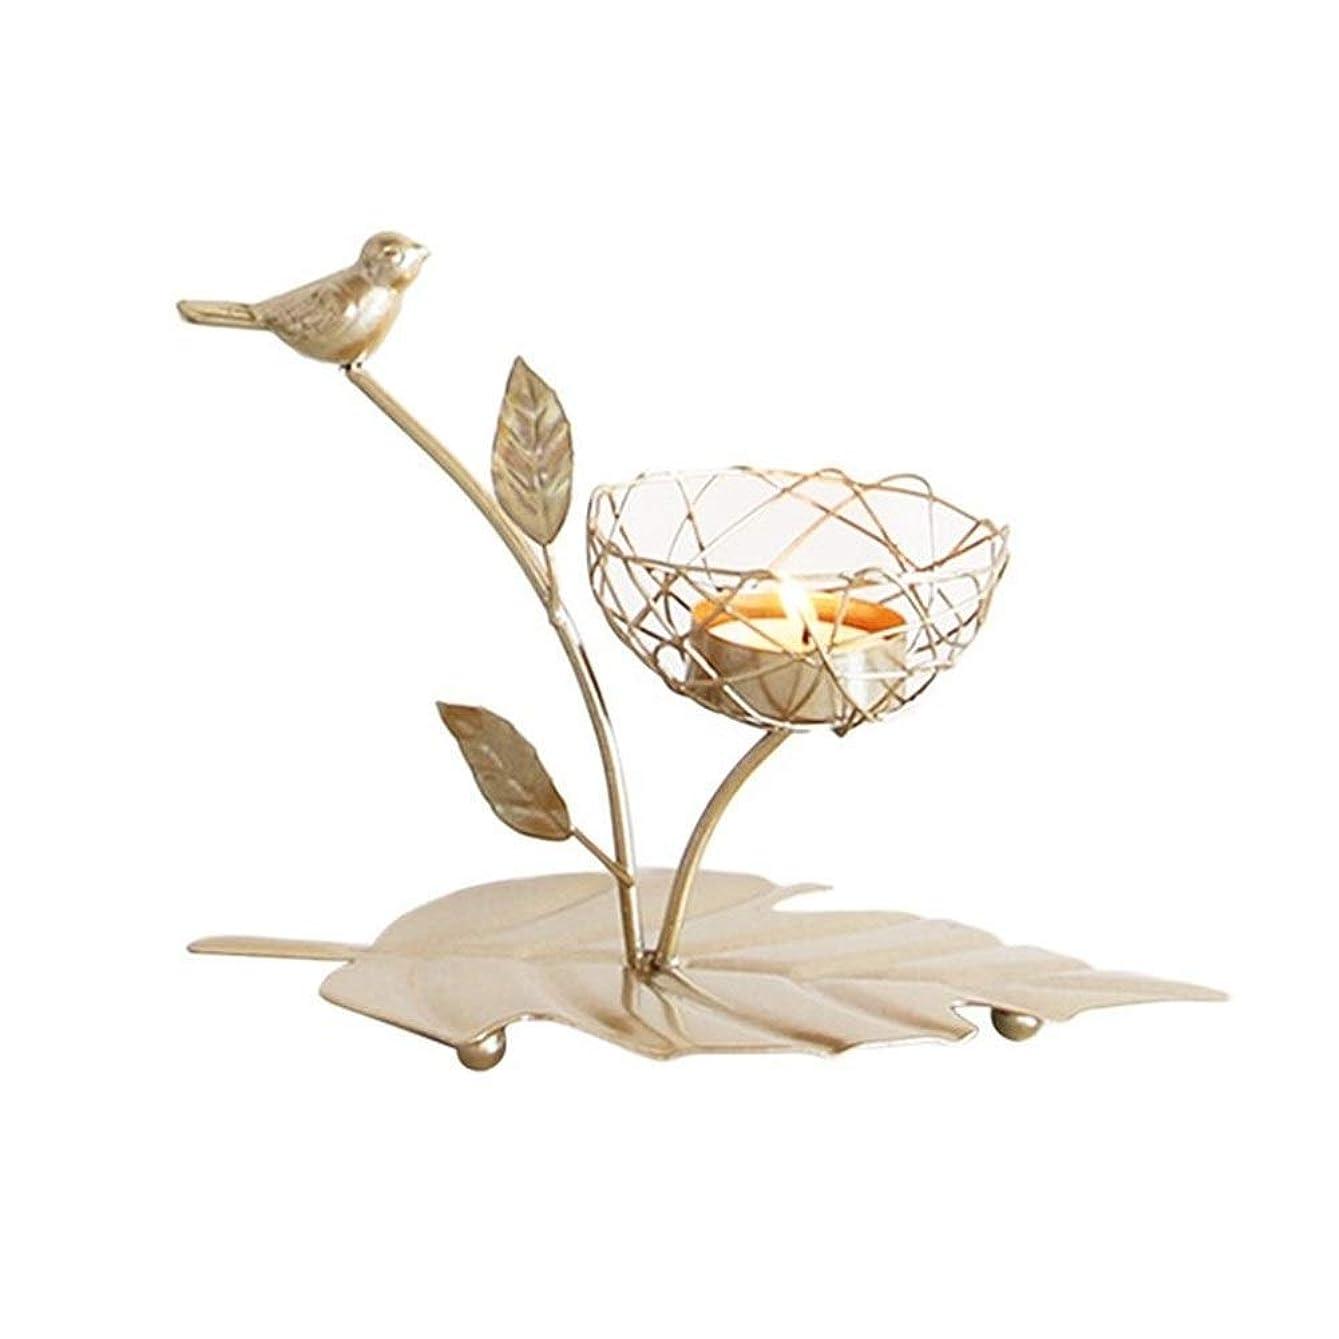 のためにぜいたくクロールキャンドルホルダー北欧の錬鉄製の燭台鳥の香りのキャンドルホルダー結婚式のダイニングテーブルの装飾キャンドルスタンド燭台スタンド(色:C)